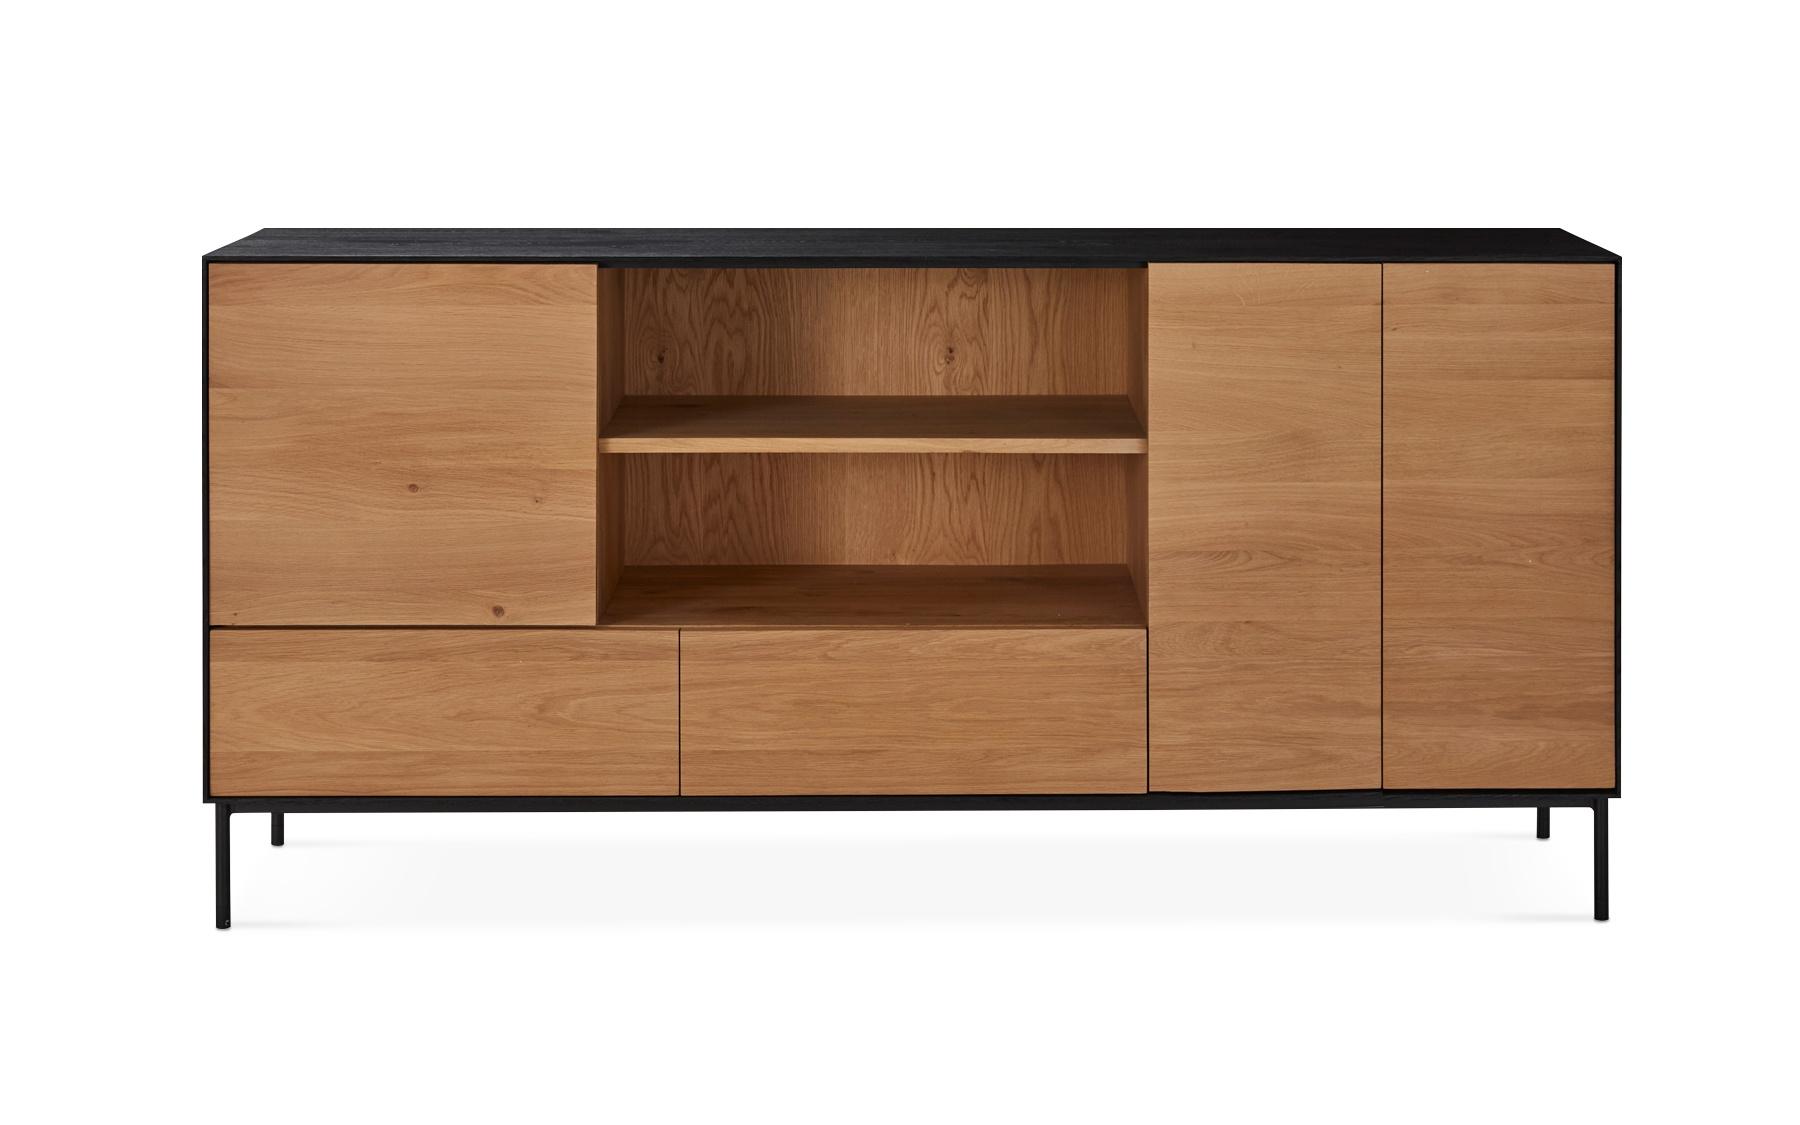 Buffet 3 portes 2 tiroirs cb225a buffets salles manger la galerie du meuble - La galerie du meuble contemporain ...